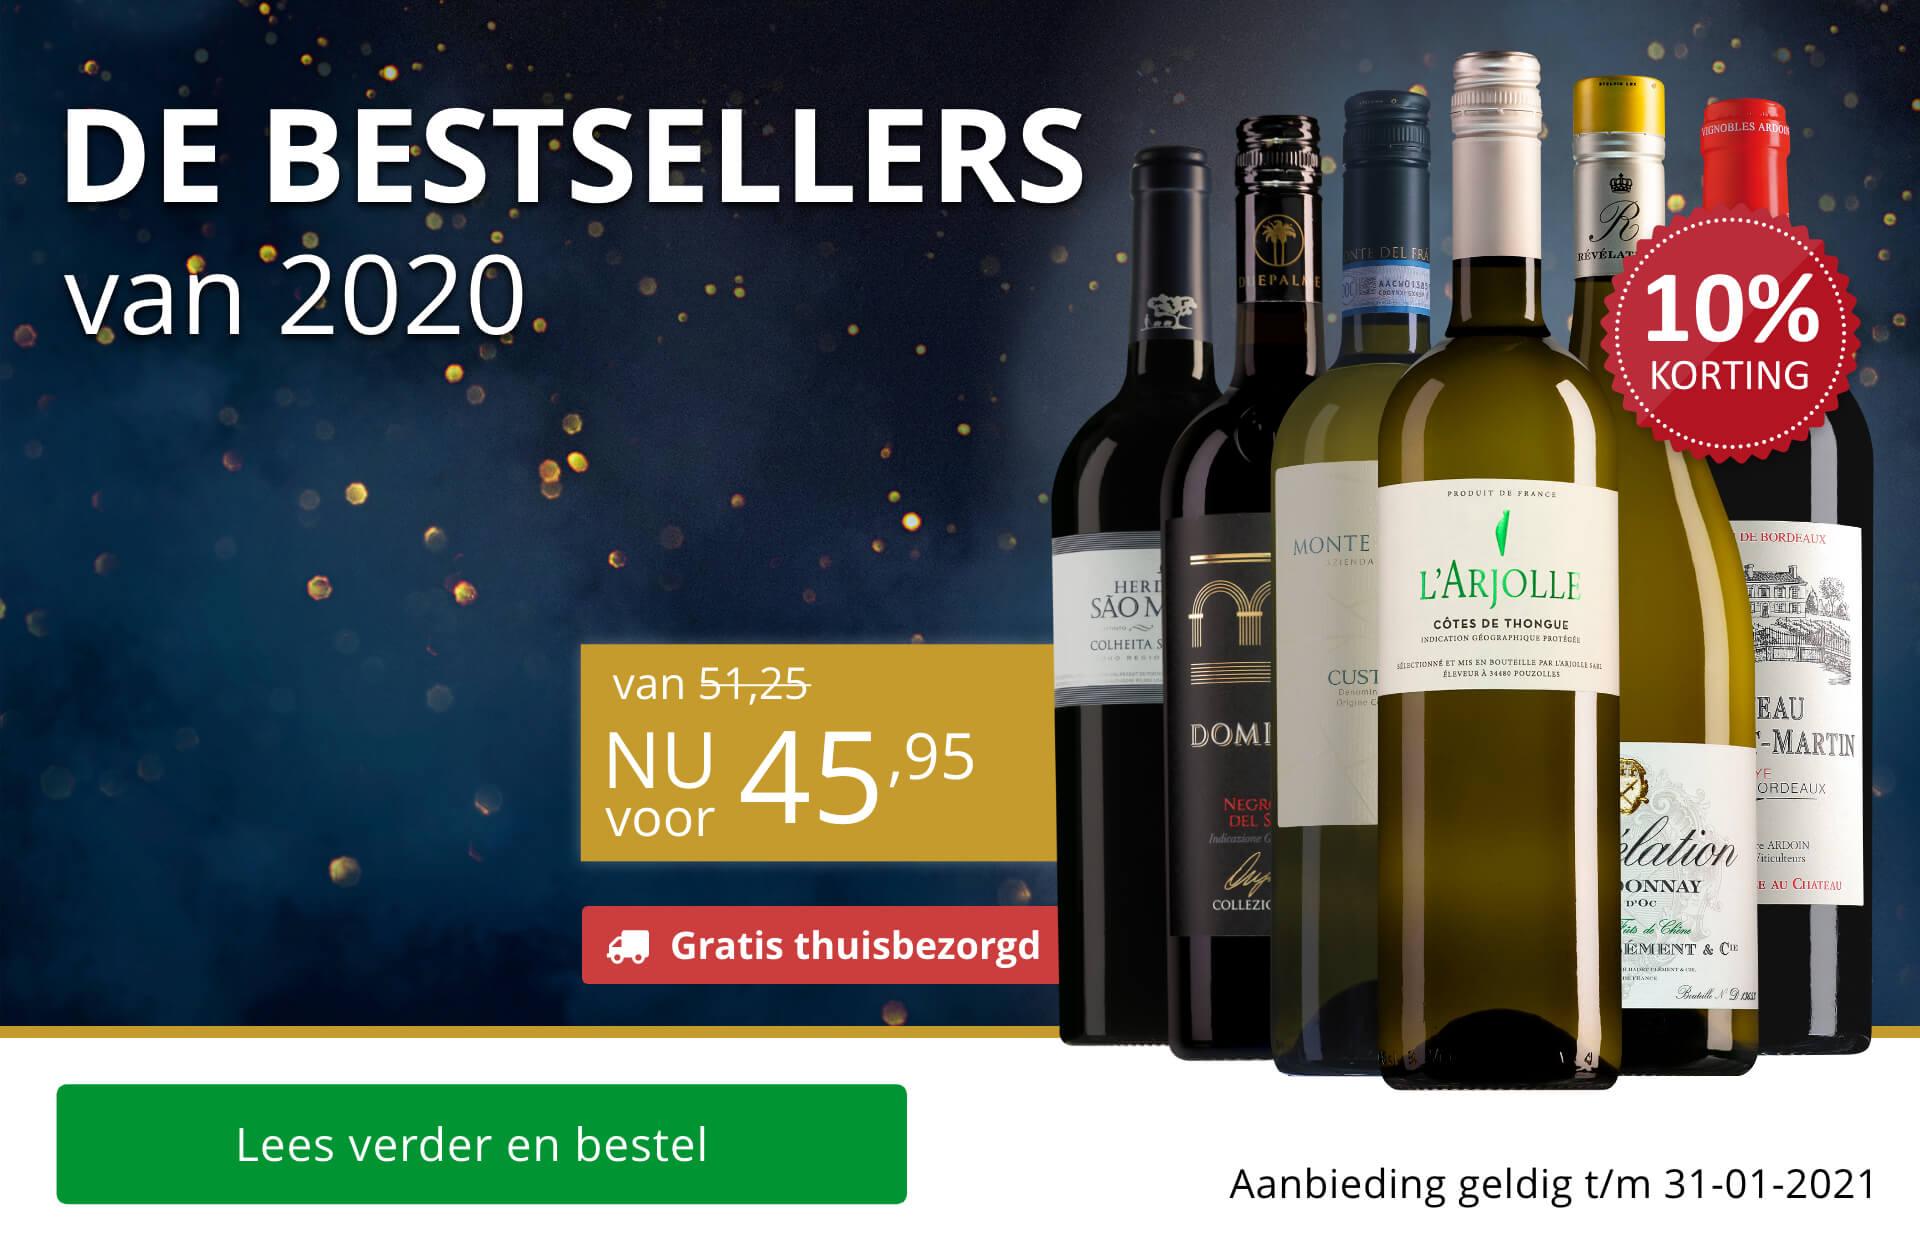 Wijnpakket-bestsellers-2020.gratis.thuisbezorgd